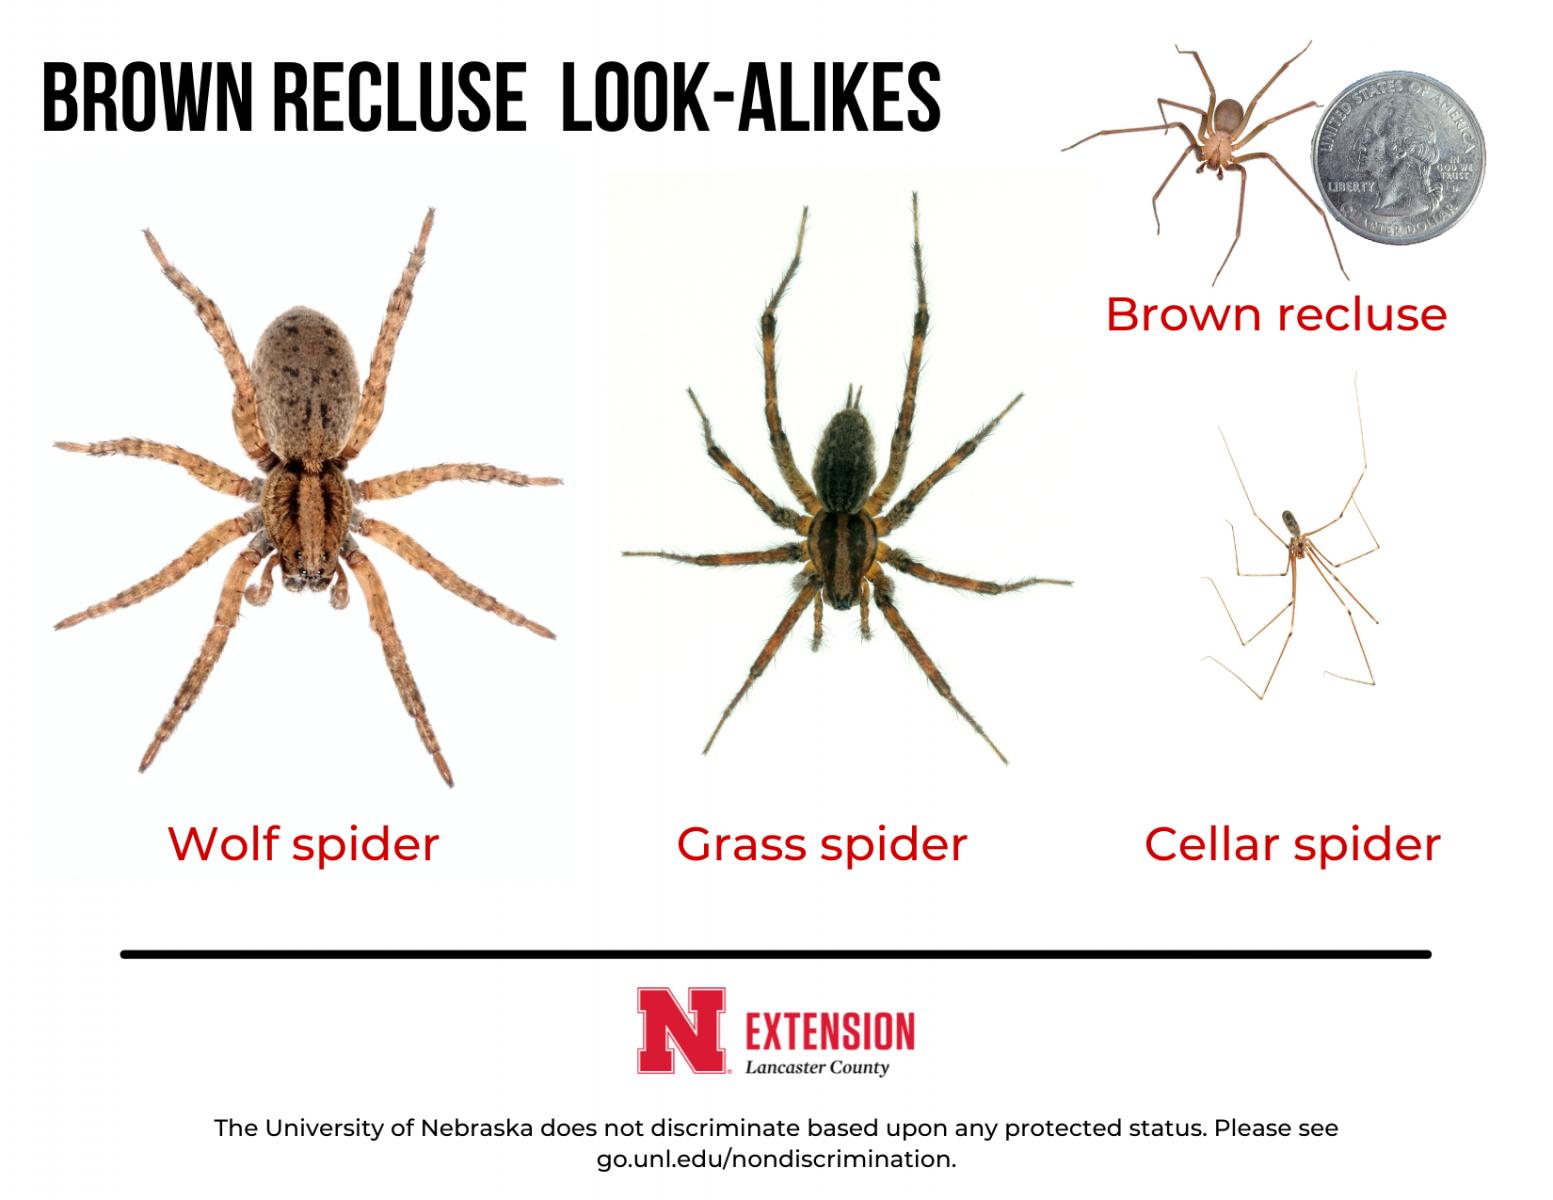 Brown Reculse spider look alikes